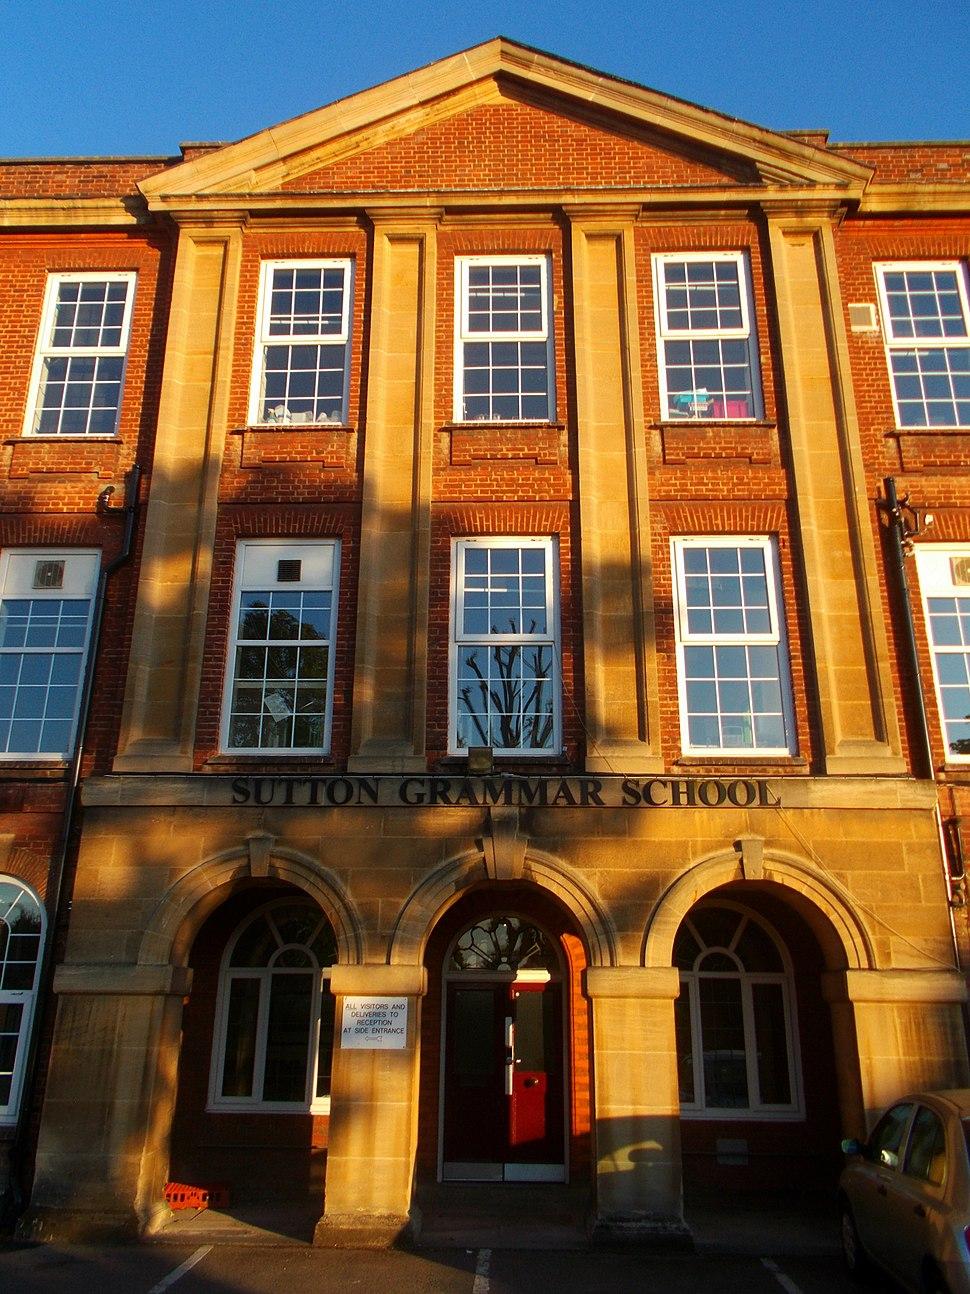 Sutton Grammar School, SUTTON, Surrey, Greater London (6)